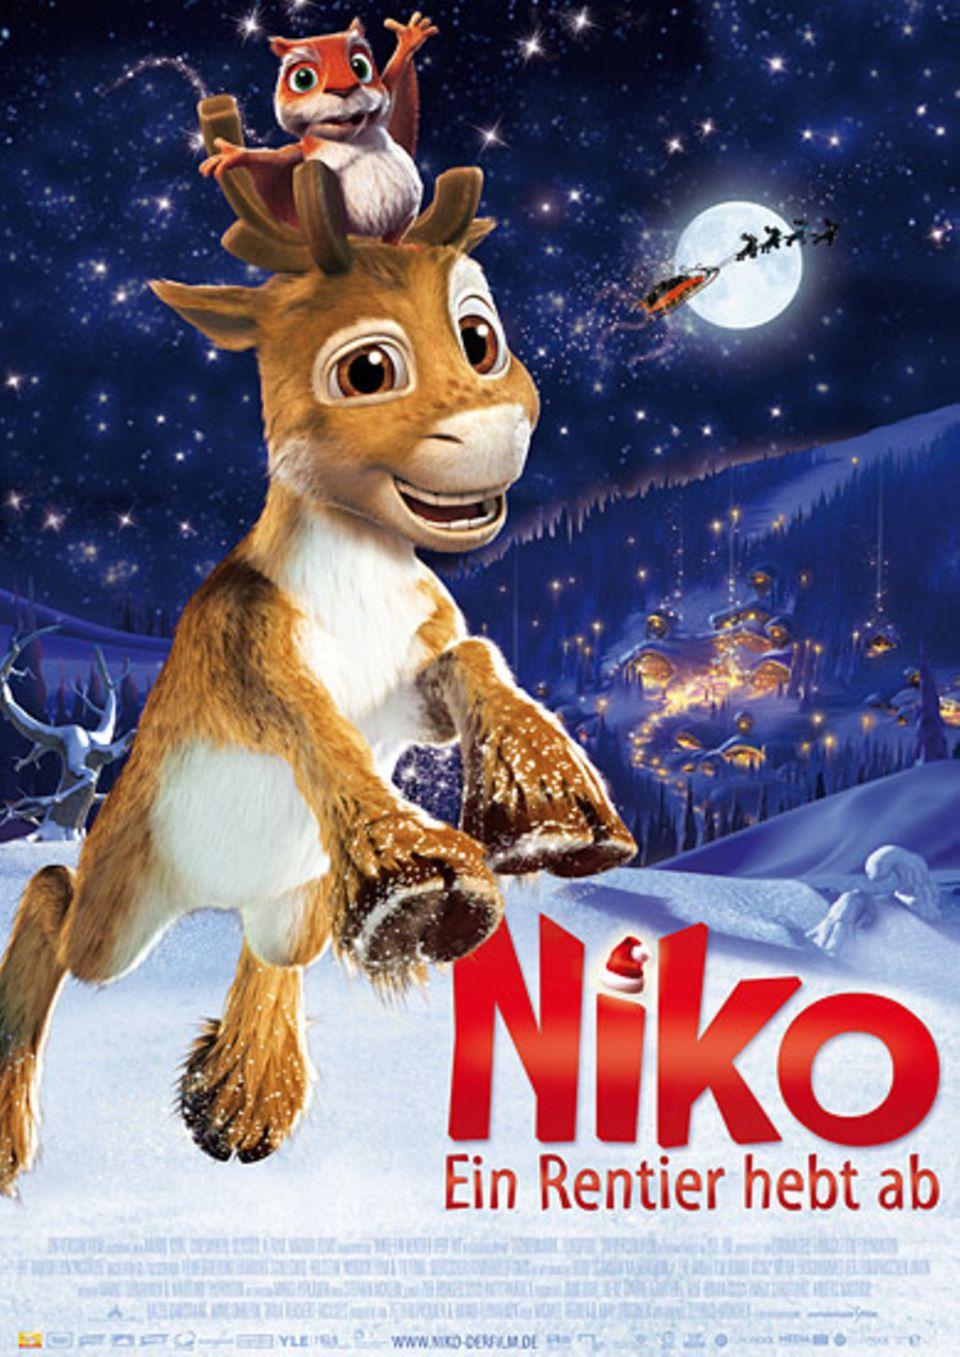 Kinotipp: Kinotipp: Niko - Ein Rentier hebt ab